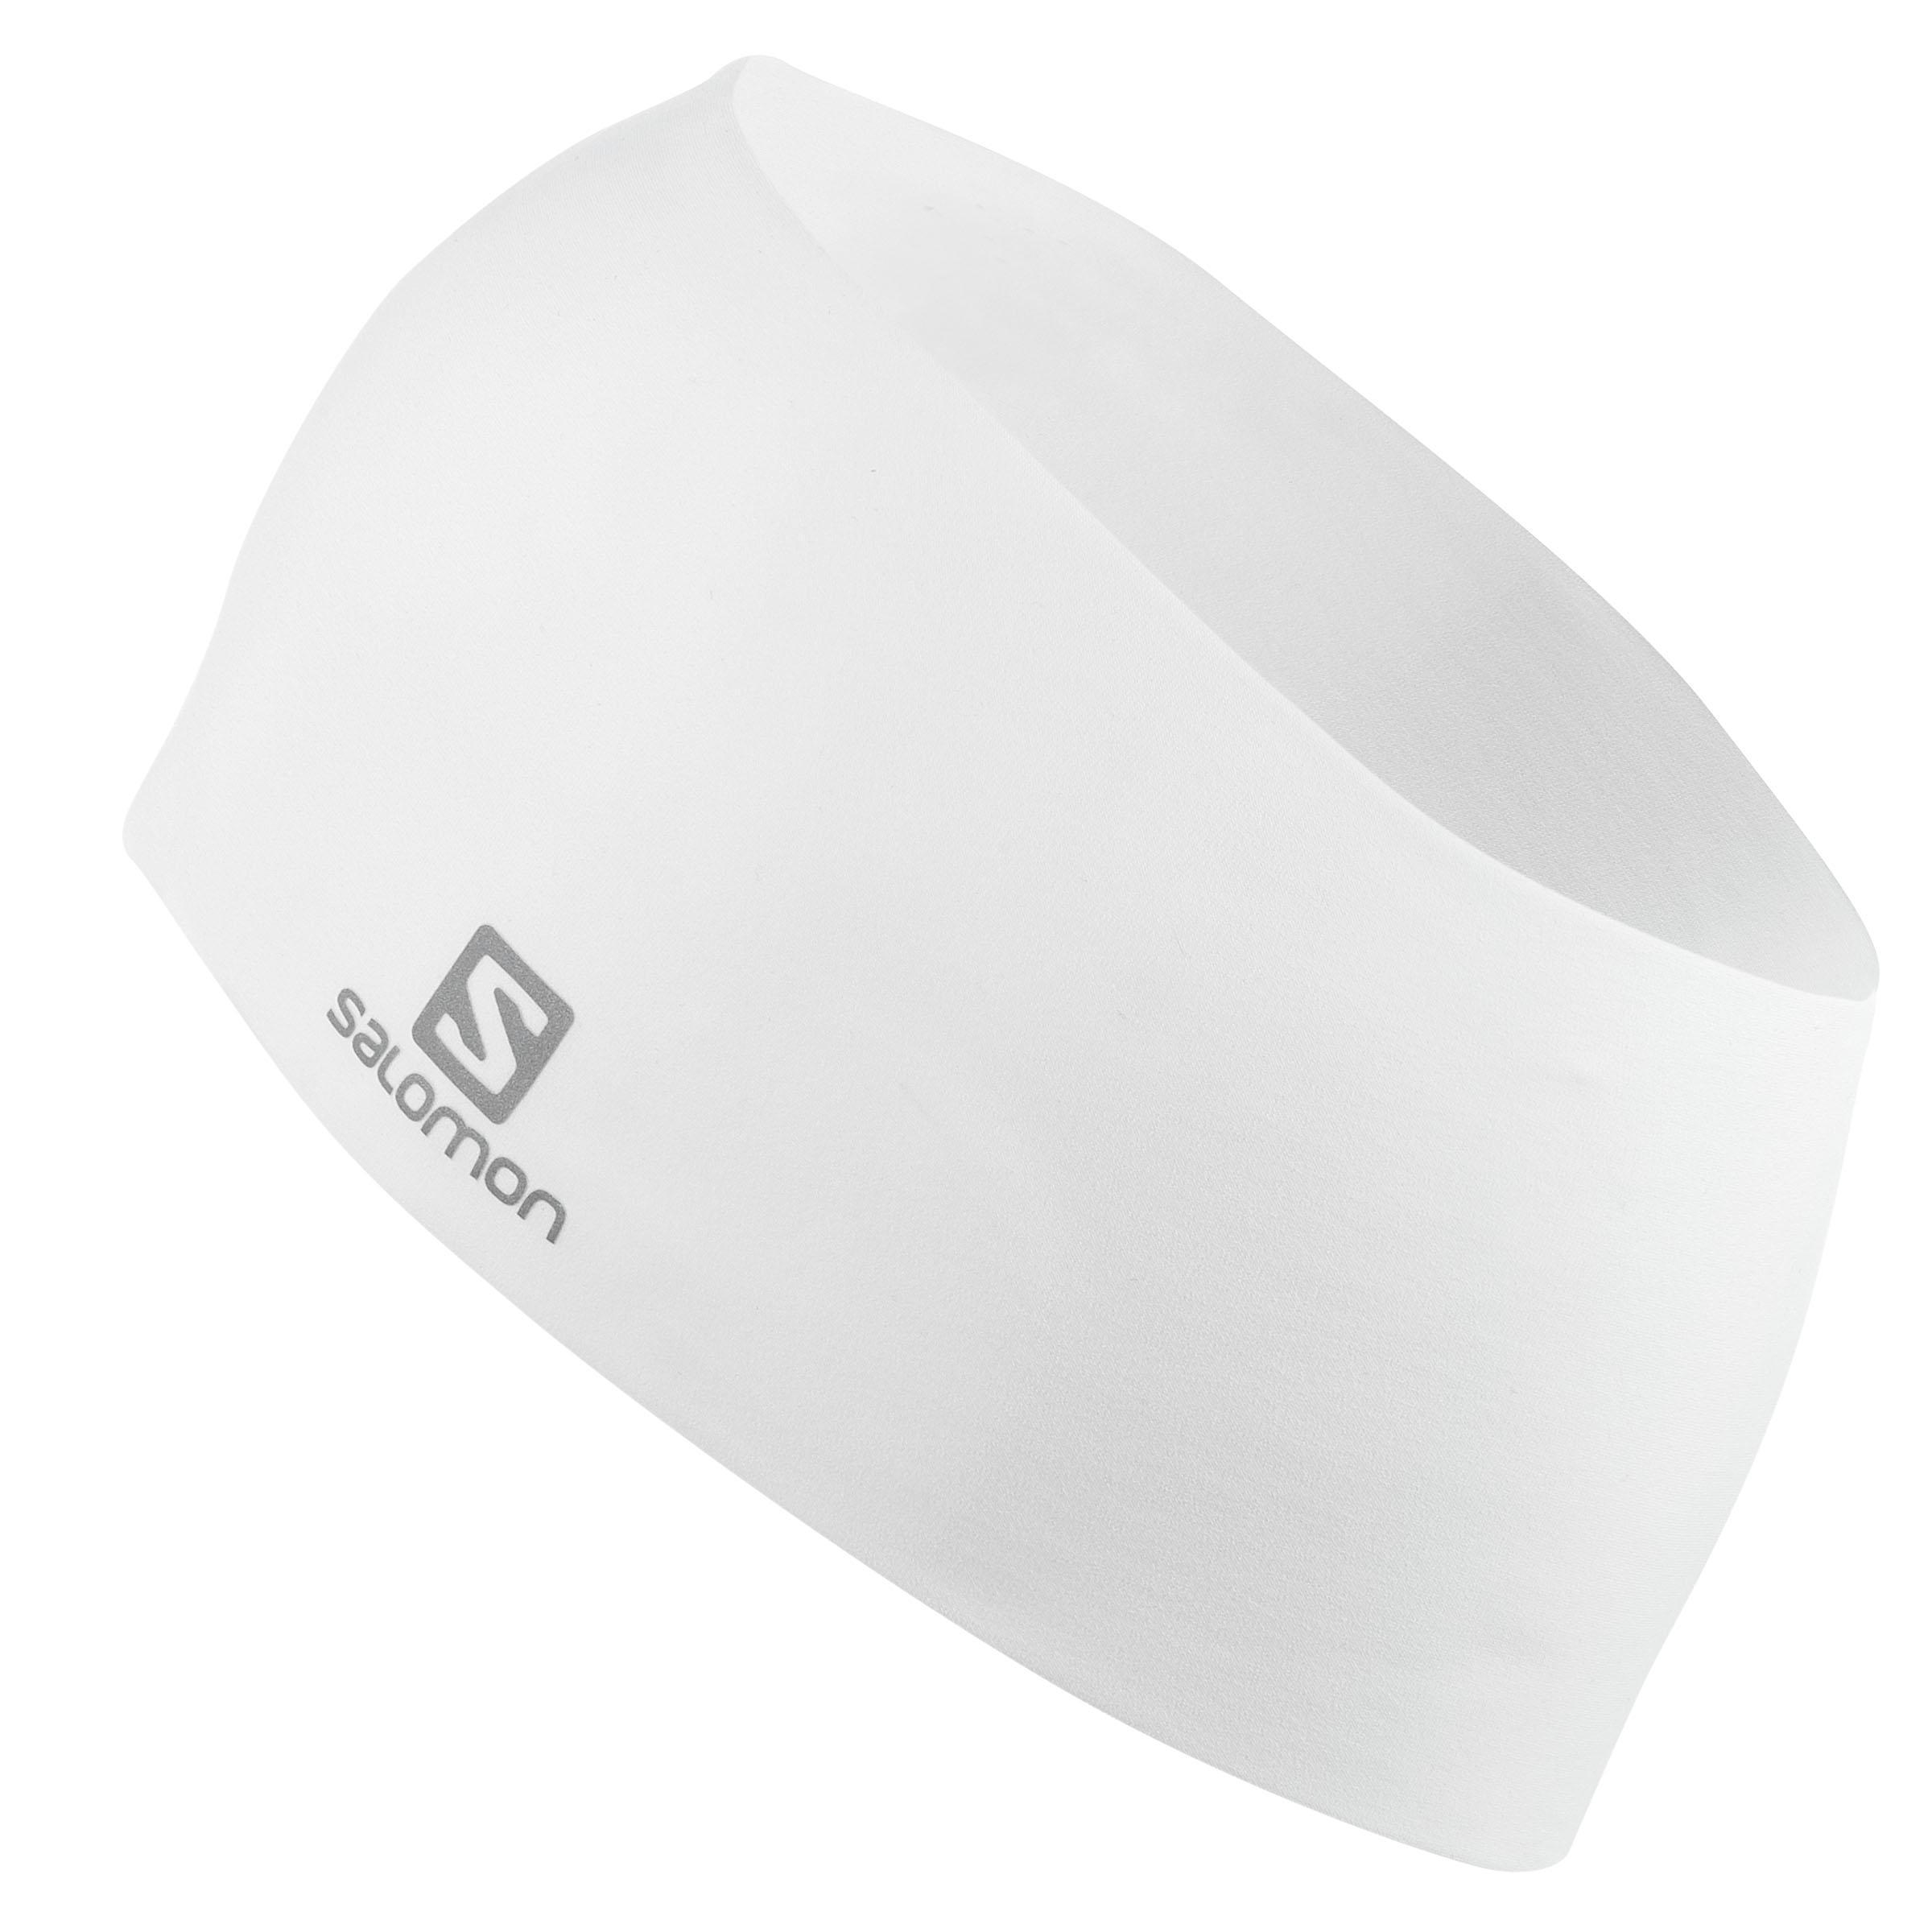 Salomon Hoofdband voor langlaufen RS Pro wit thumbnail